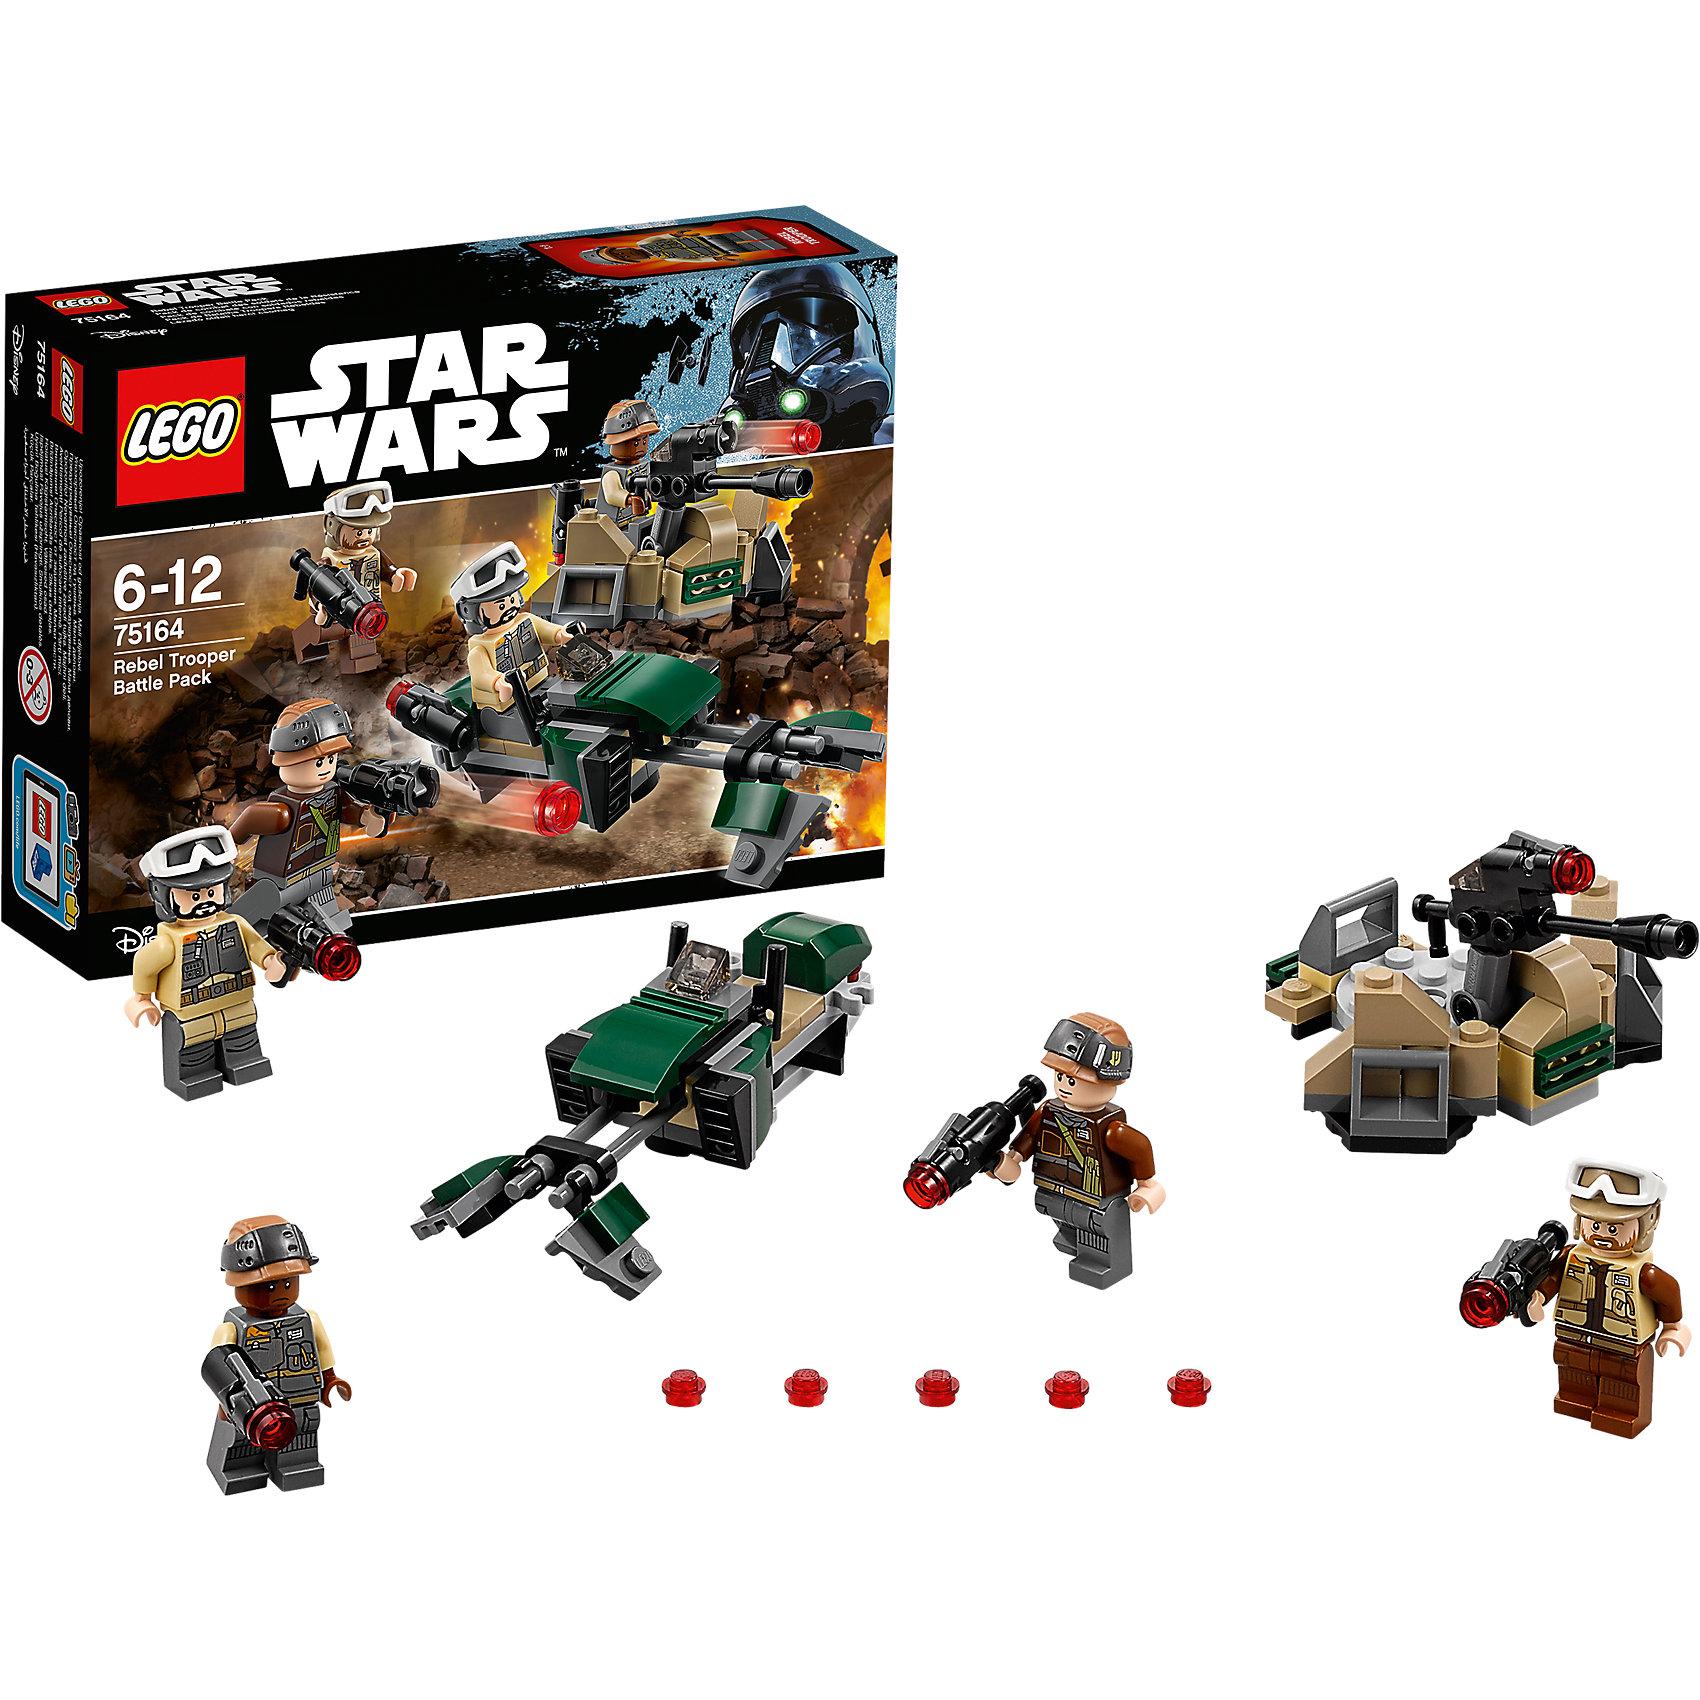 """LEGO Star Wars 75164: Боевой набор ПовстанцевLEGO Star Wars 75164: Боевой набор Повстанцев<br><br>Характеристики:<br><br>- в набор входит: детали линии обороны, спидер, 4 фигурки, аксессуары, инструкция<br>- состав: пластик<br>- количество деталей: 120<br>- примерное время сборки: 15 минут<br>- размер линии обороны: 9 * 5 * 7 см.<br>- размер спидера: 11 * 3 * 4 см.<br>- для детей в возрасте: от 6 до 12 лет<br>- Страна производитель: Дания/Китай/Чехия/<br><br>Легендарный конструктор LEGO (ЛЕГО) представляет серию «Звездные Войны» с героями одноименных фильмов. В этом наборе повстанцы заняты обороной города по мотивам фильма """"Изгой-один. Звёздные войны: Истории"""". Четыре фигурки повстанцев из набора облачены в униформу, но у каждого свой уникальный рисунок. У двоих повстанцев очки могут сниматься со шлема и надвигаться на глаза. К каждой фигурке прилагаются мощные бластеры, из которых можно стрелять красными детальками. Линия обороны состоит из множества маленьких деталек и выглядит вполне реалистично. Лазерная пушка может двигаться вверх-вниз и влево-вправо, специальный механизм позволяет стрелять детальками из этой пушки, в наборе есть запасные детали. Также в набор входит небольшой спидер повстанцев, который имеет специальные отделения для двух бластеров в кабине. Присоединись к команде повстанцев и совершенствуй свою силу. <br><br>Конструктор LEGO Star Wars 75164: Боевой набор Повстанцев можно купить в нашем интернет-магазине.<br><br>Ширина мм: 193<br>Глубина мм: 142<br>Высота мм: 50<br>Вес г: 120<br>Возраст от месяцев: 72<br>Возраст до месяцев: 144<br>Пол: Мужской<br>Возраст: Детский<br>SKU: 5002384"""